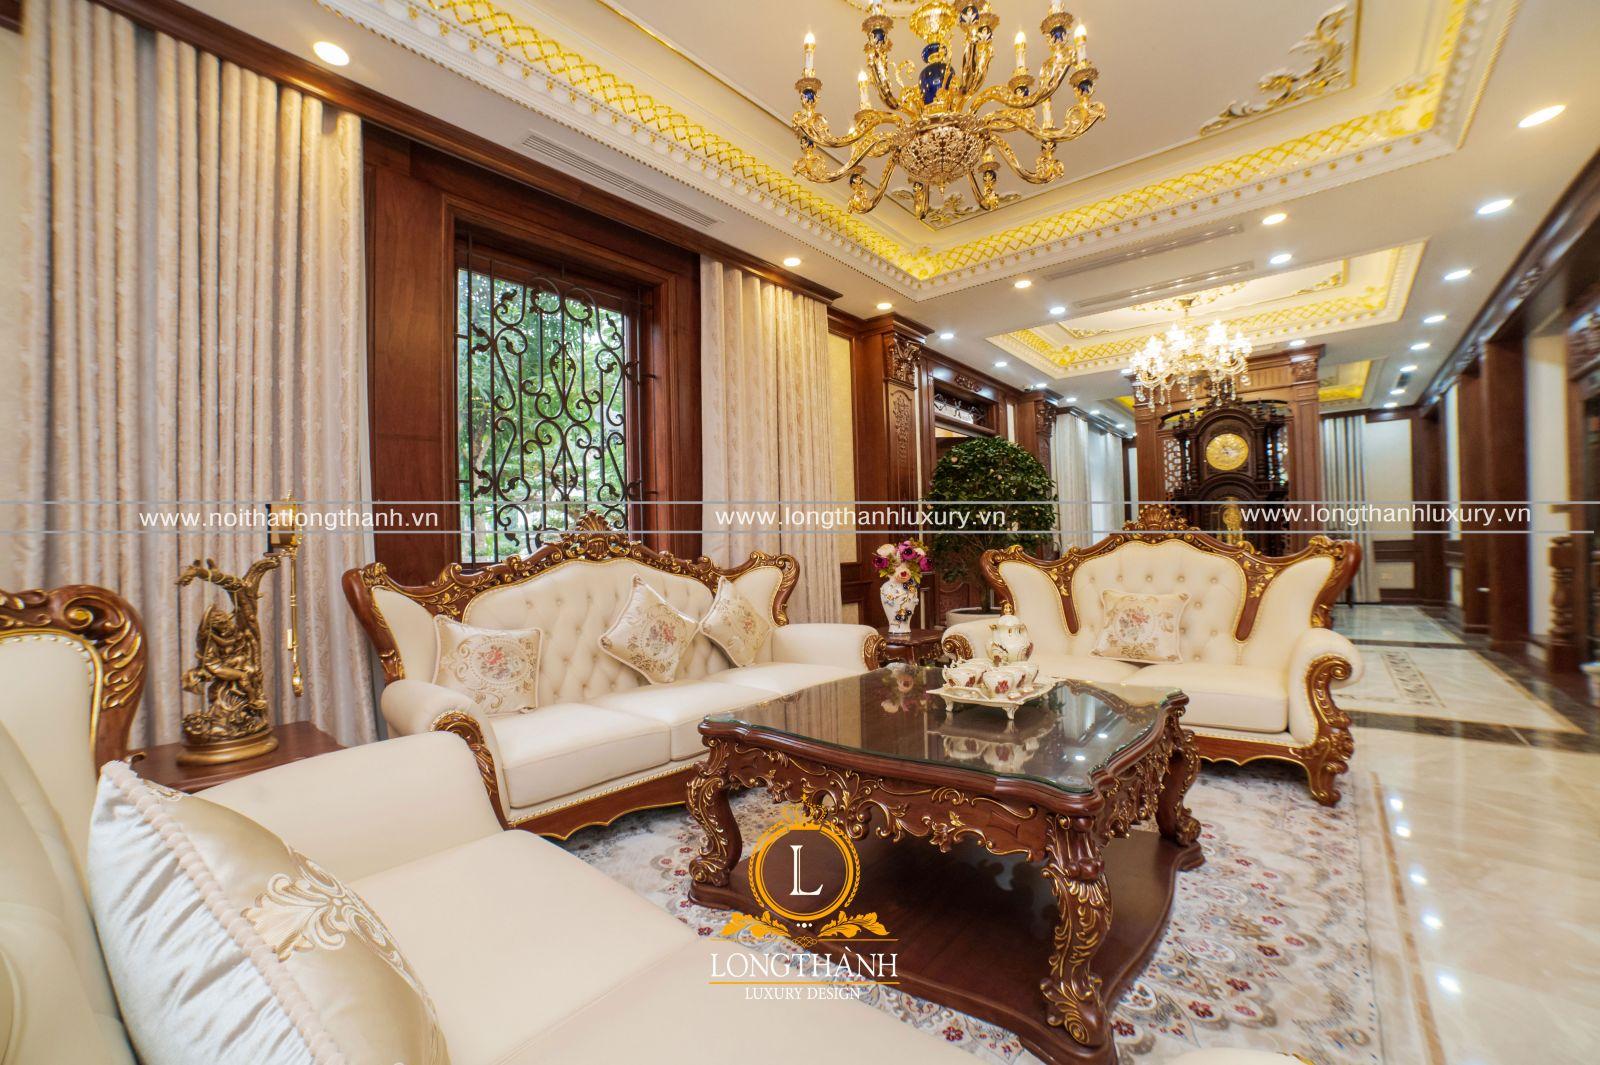 Nổi bật với bộ sofa tân cổđiển gỗ Gõ tự nhiên dát vàng hoa văn, bọc da Ý cao cấp